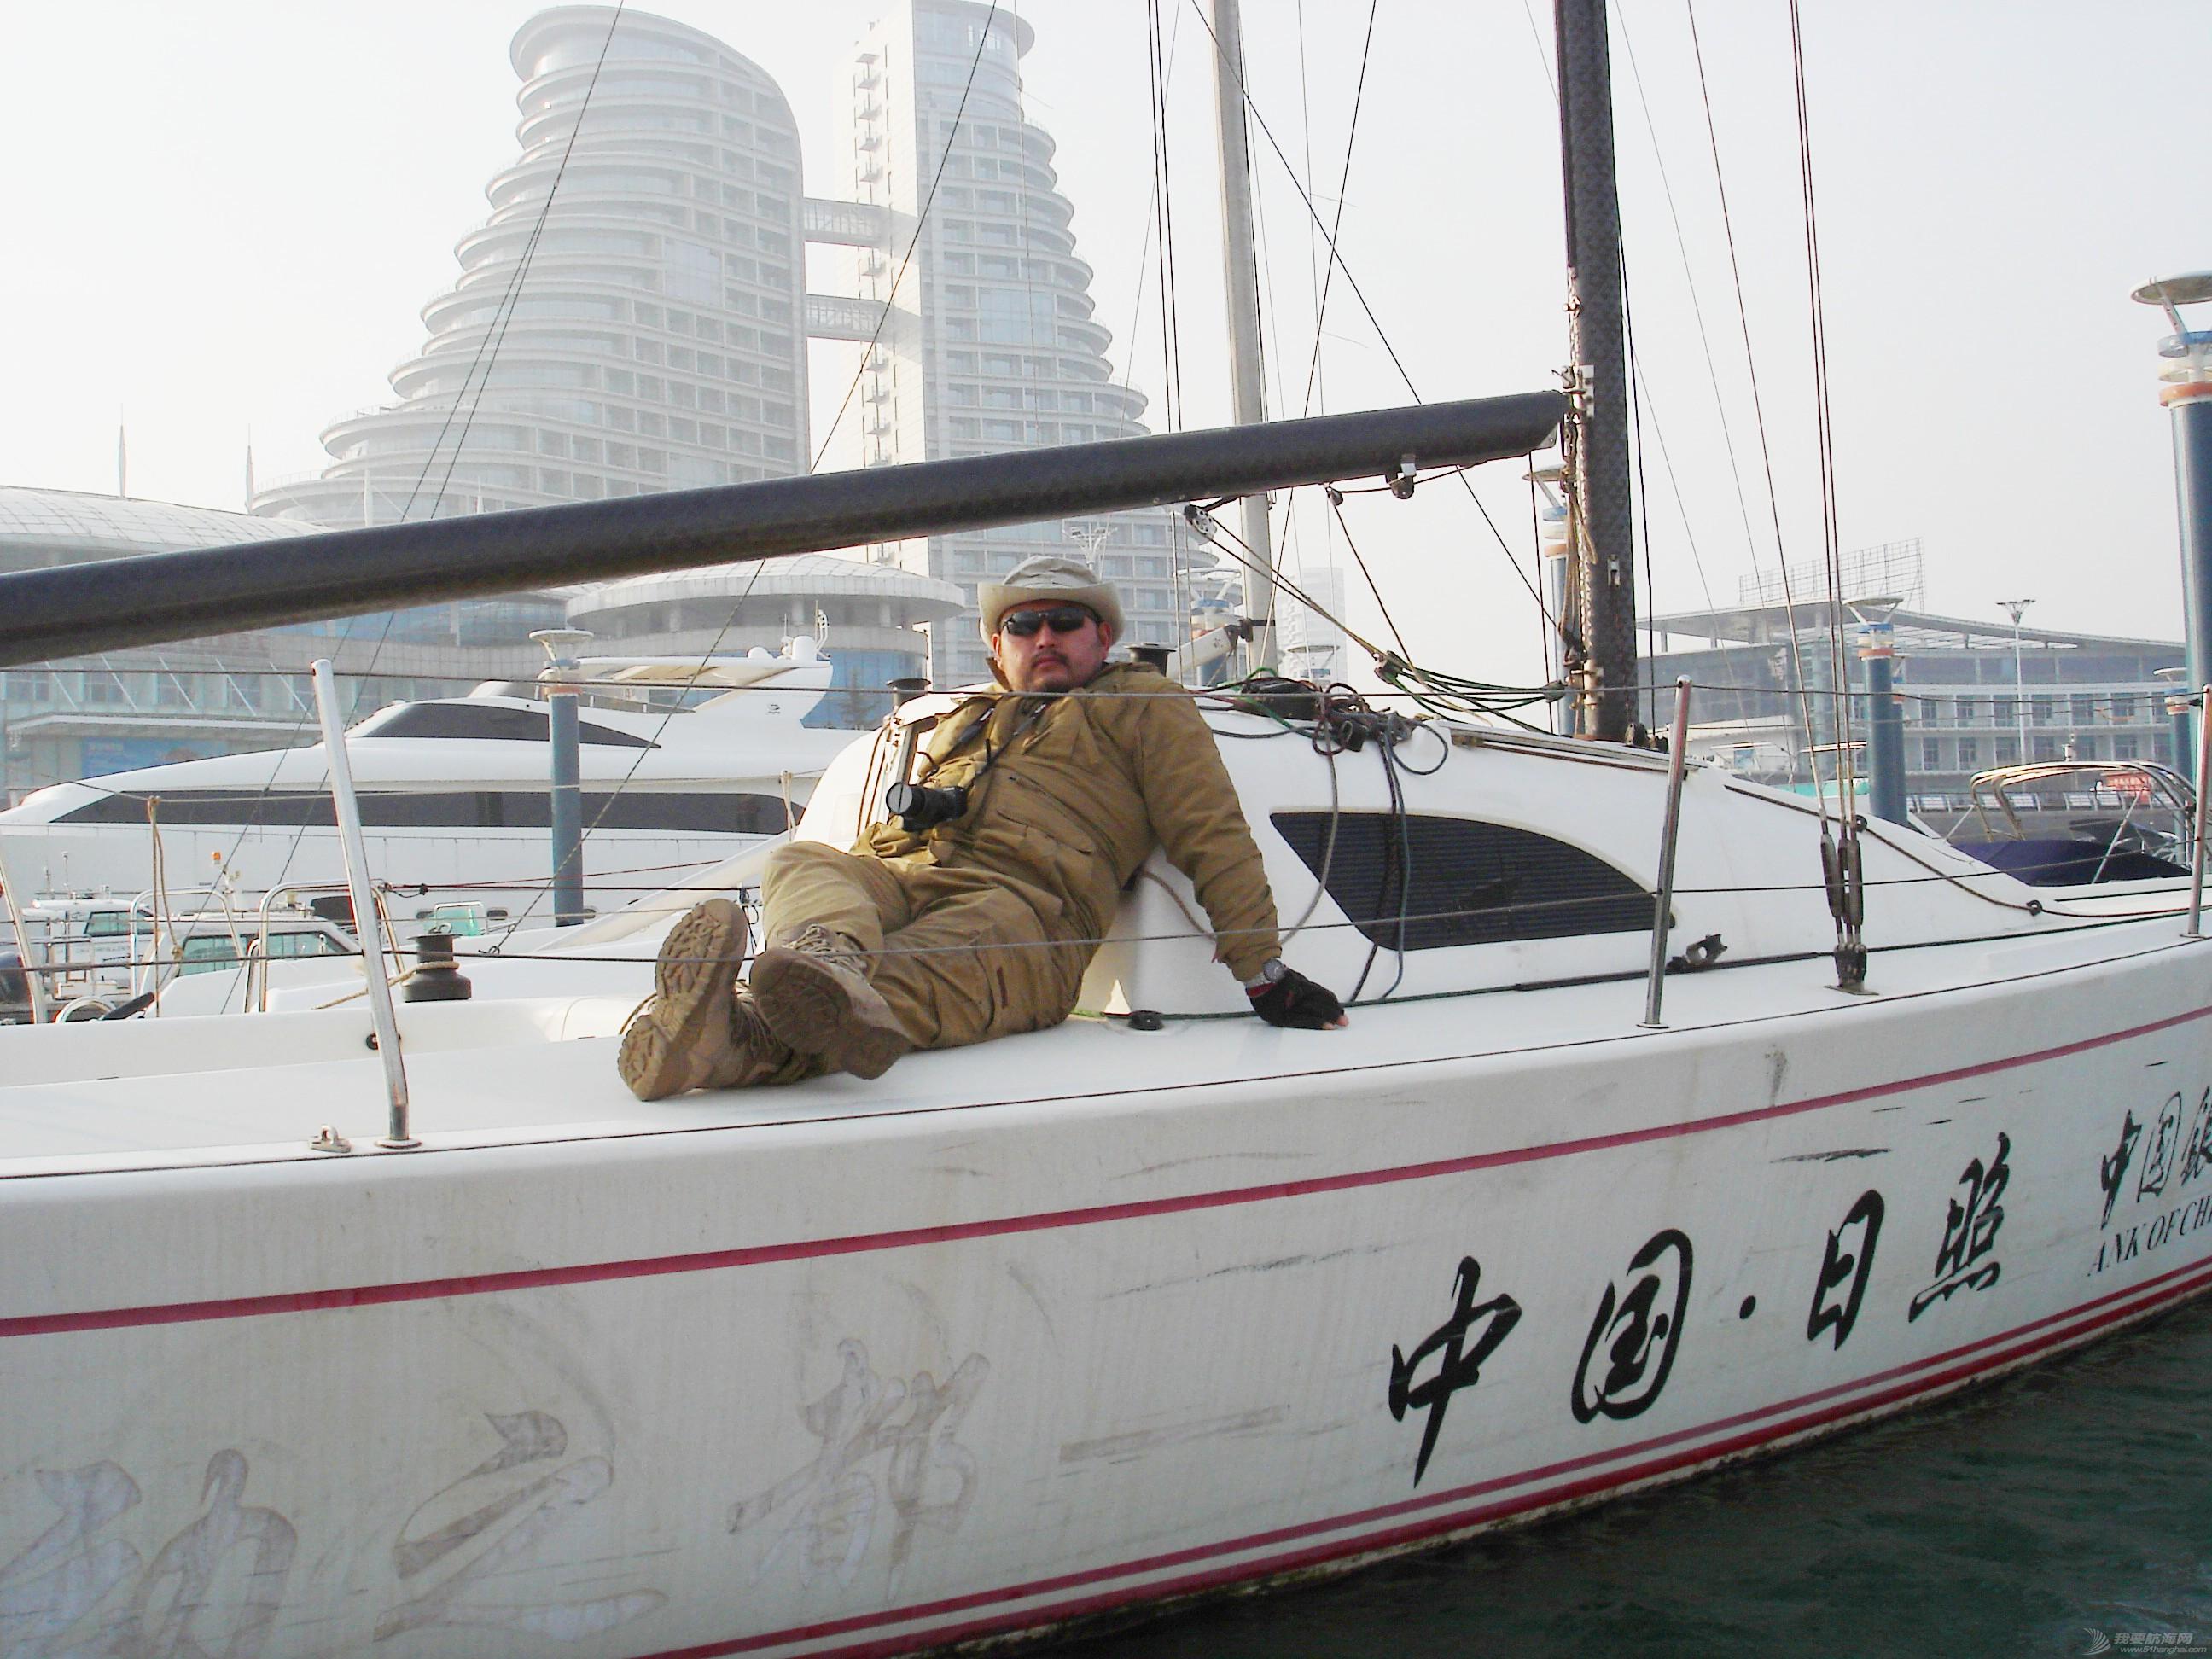 帆船 免费航海不是梦…我是十四期学员(我要去航海/全民公益航海帆船训练) DSC02093_副本.jpg